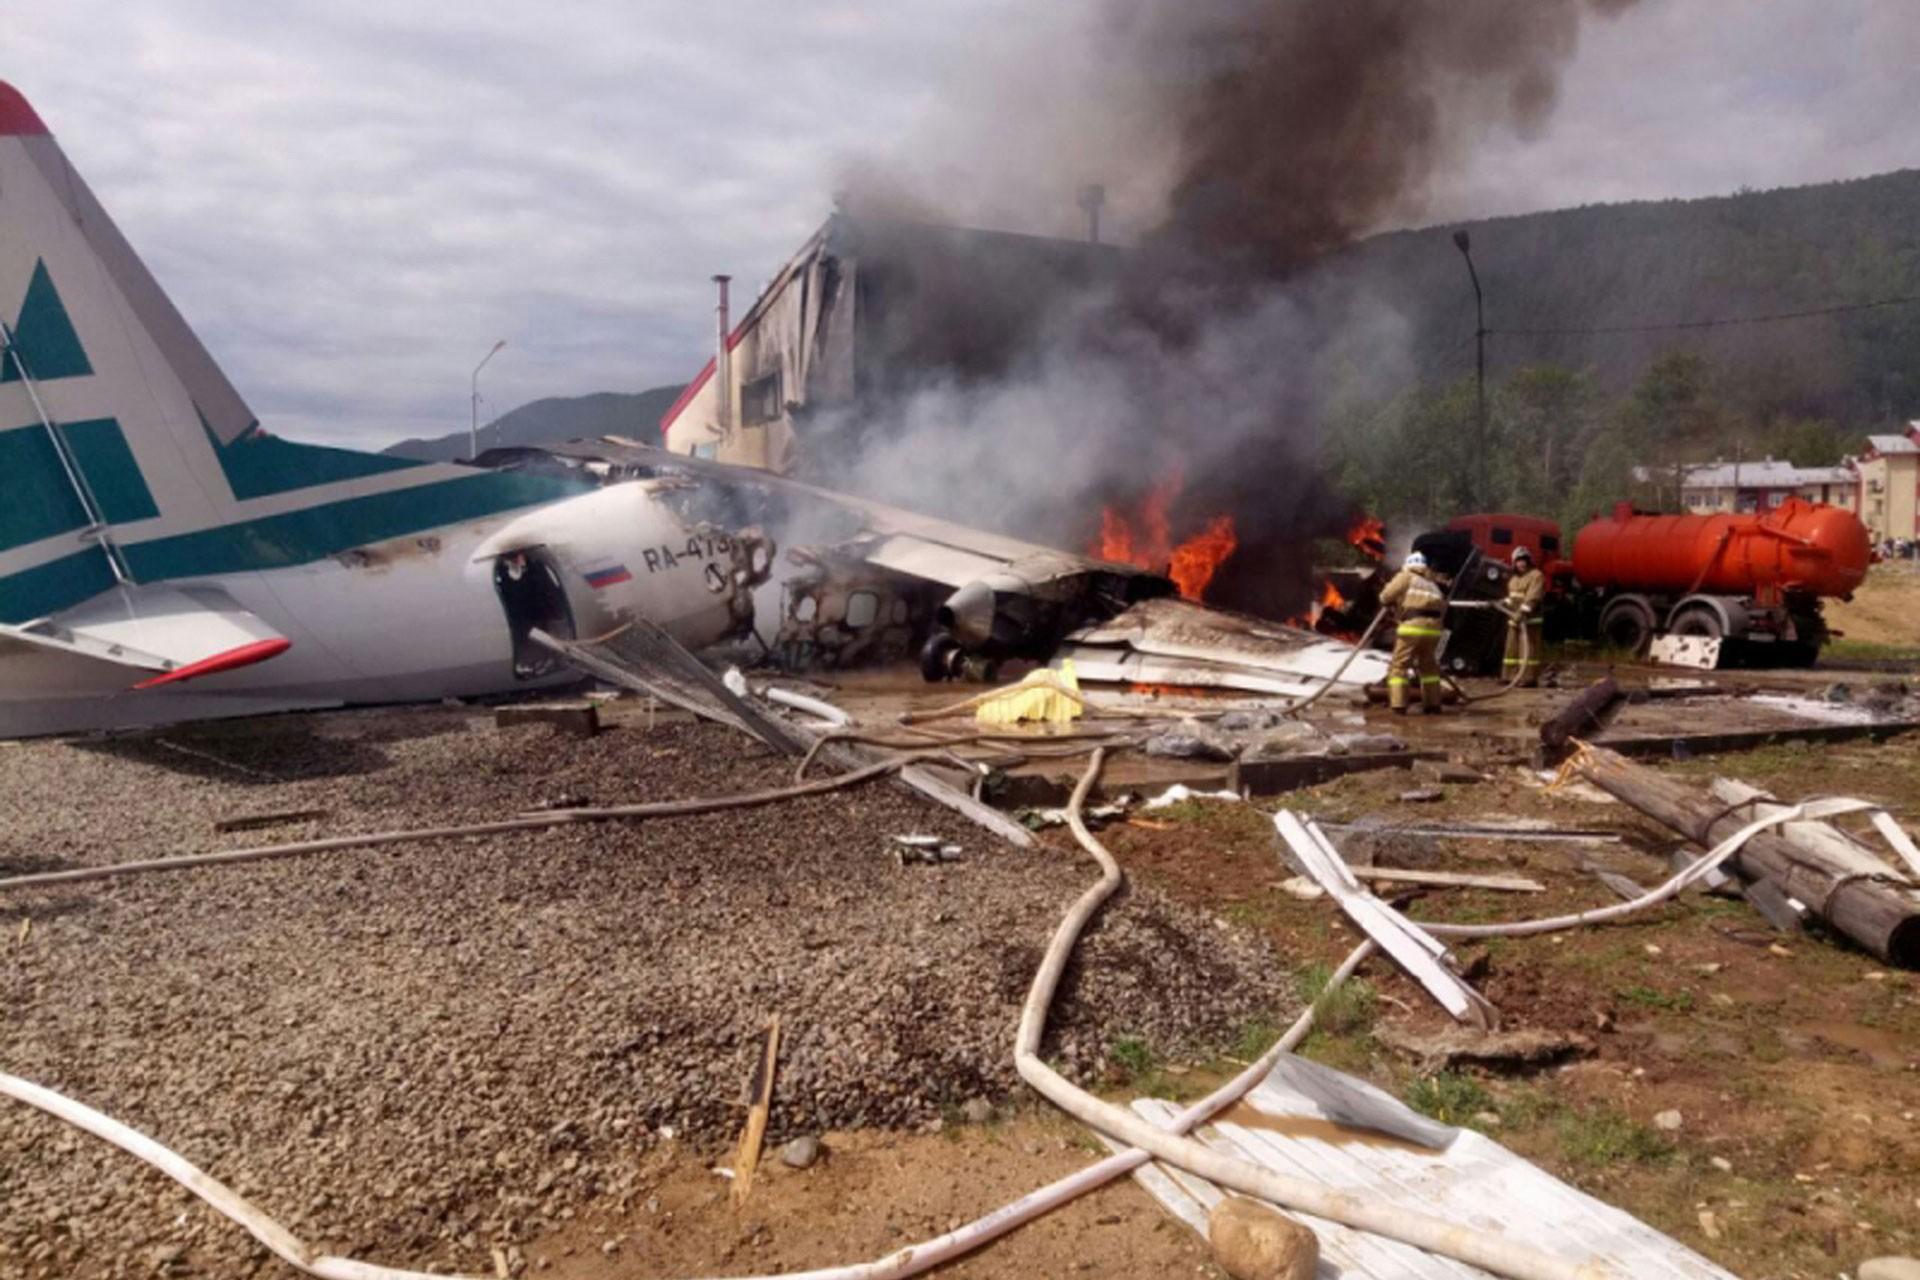 Rusya'da acil iniş yapan yolcu uçağı pistten çıktı: 2 ölü, 22 yaralı